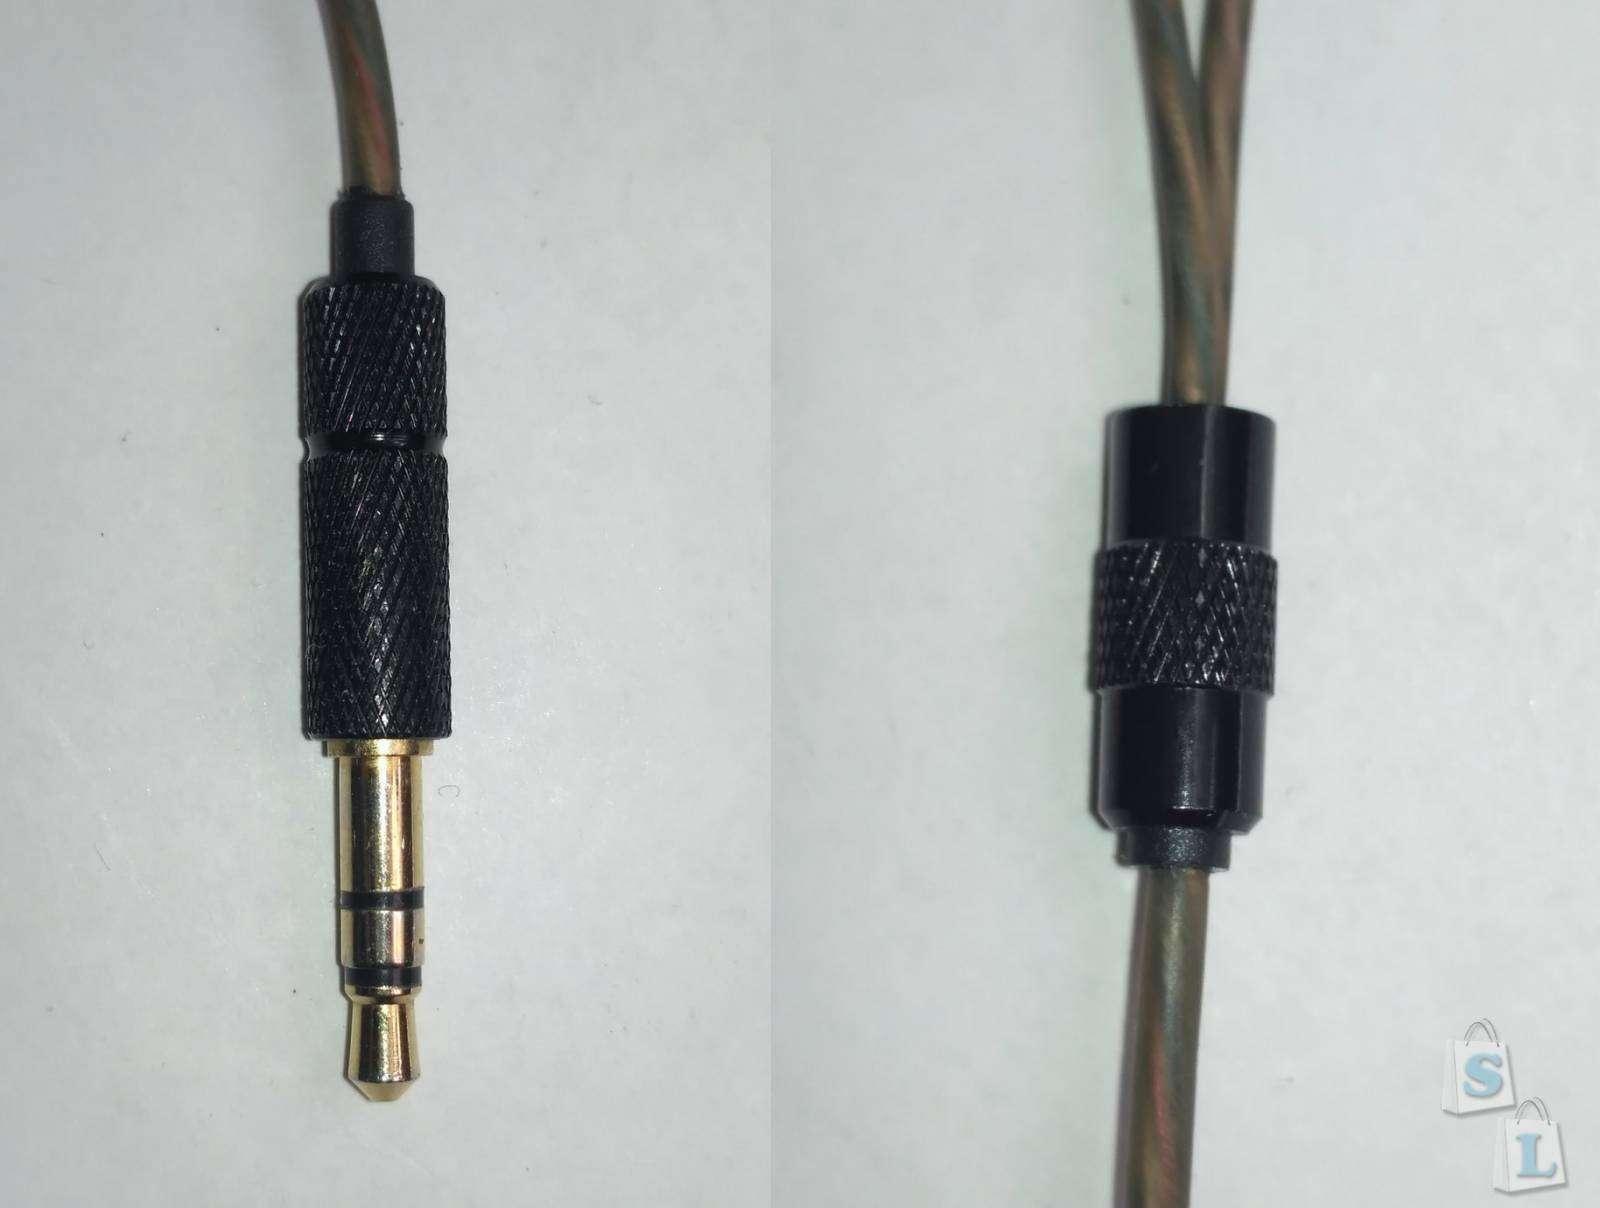 TomTop: Бюджетные гибридные наушники Dodocool DA36 (двойной арматурный излучатель + динамический)